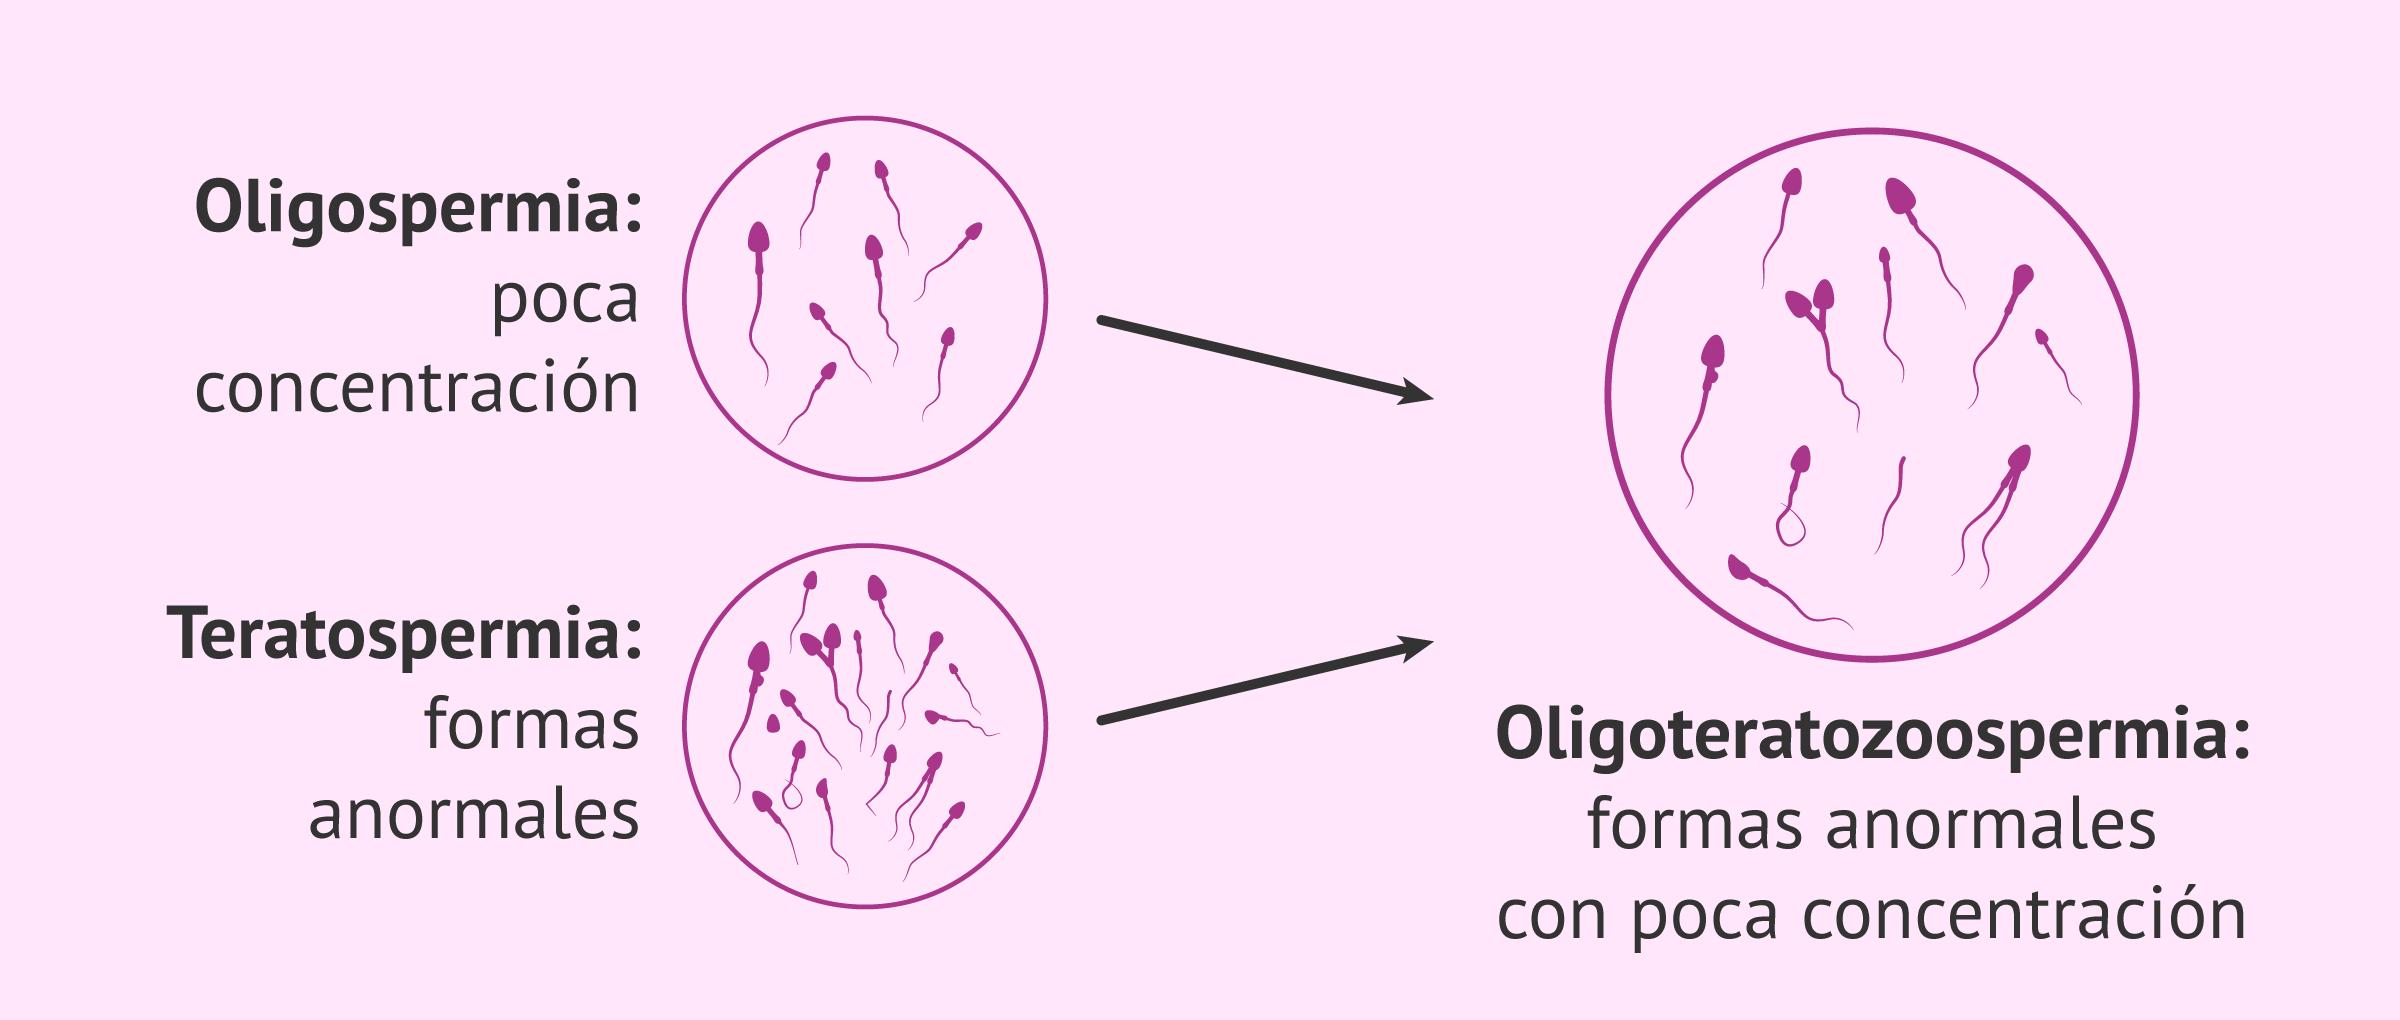 Oligoteratozoospermia